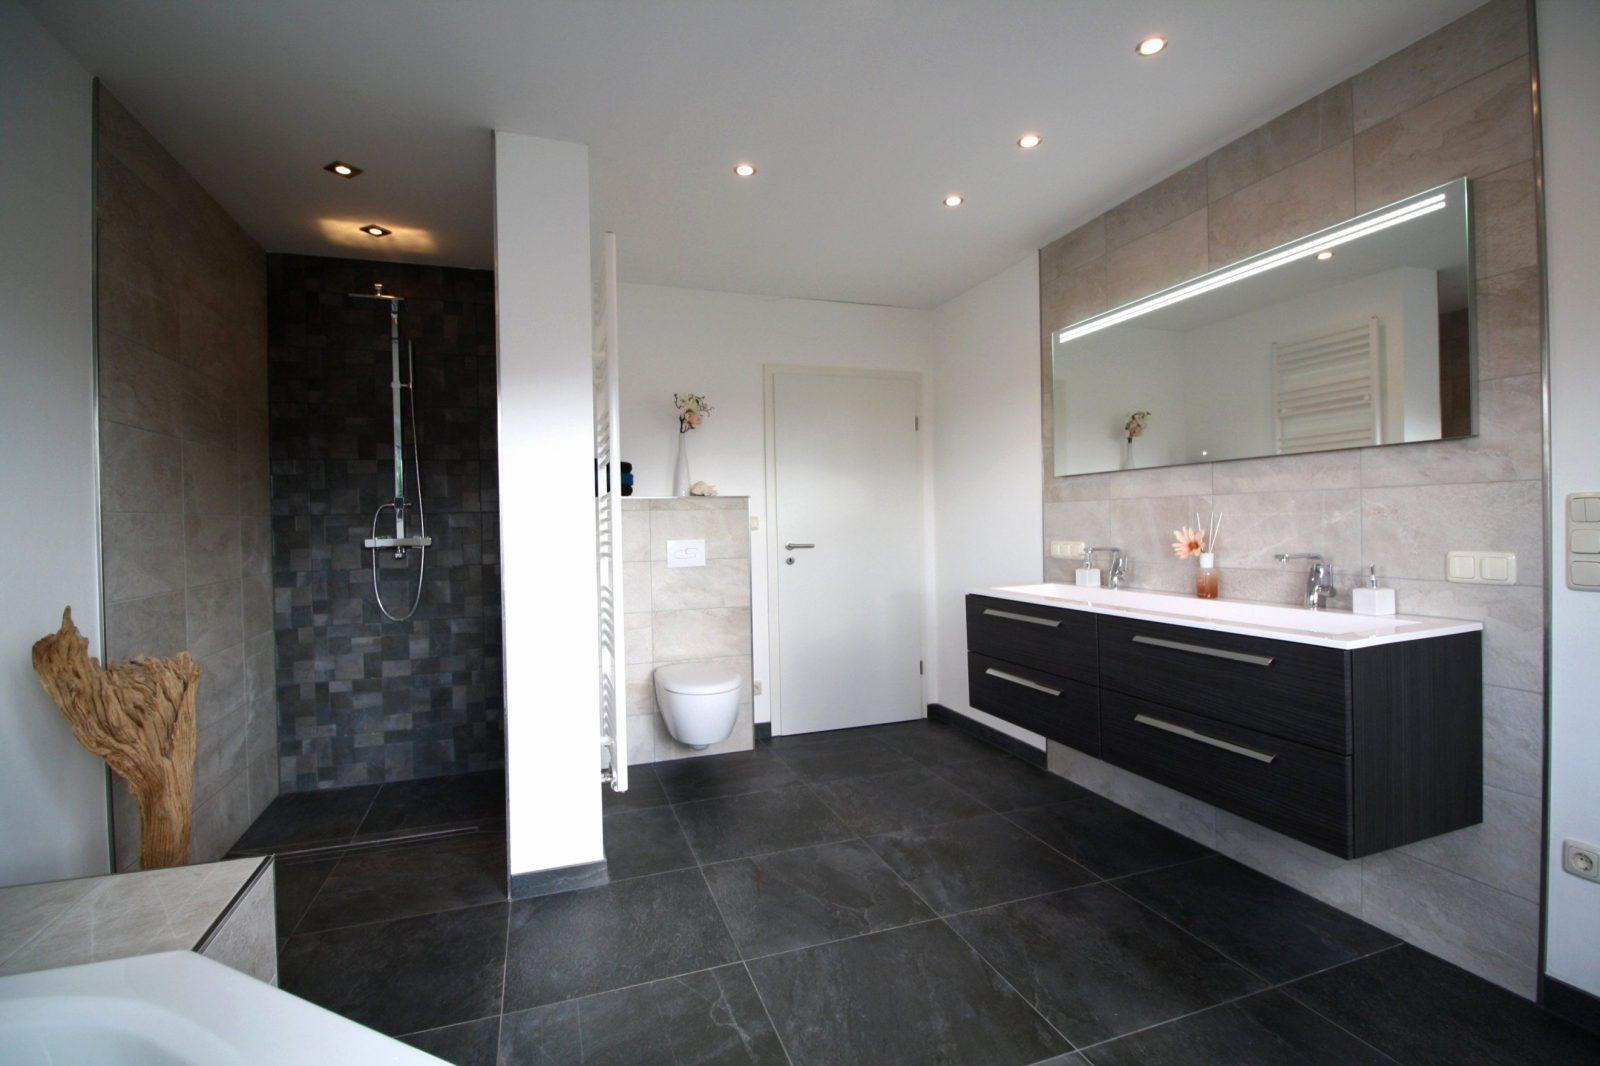 Grundriss Badezimmer 10 Qm Neu Badezimmer 10 Qm Renovieren  Haus von Badezimmer Beispiele 10 Qm Bild